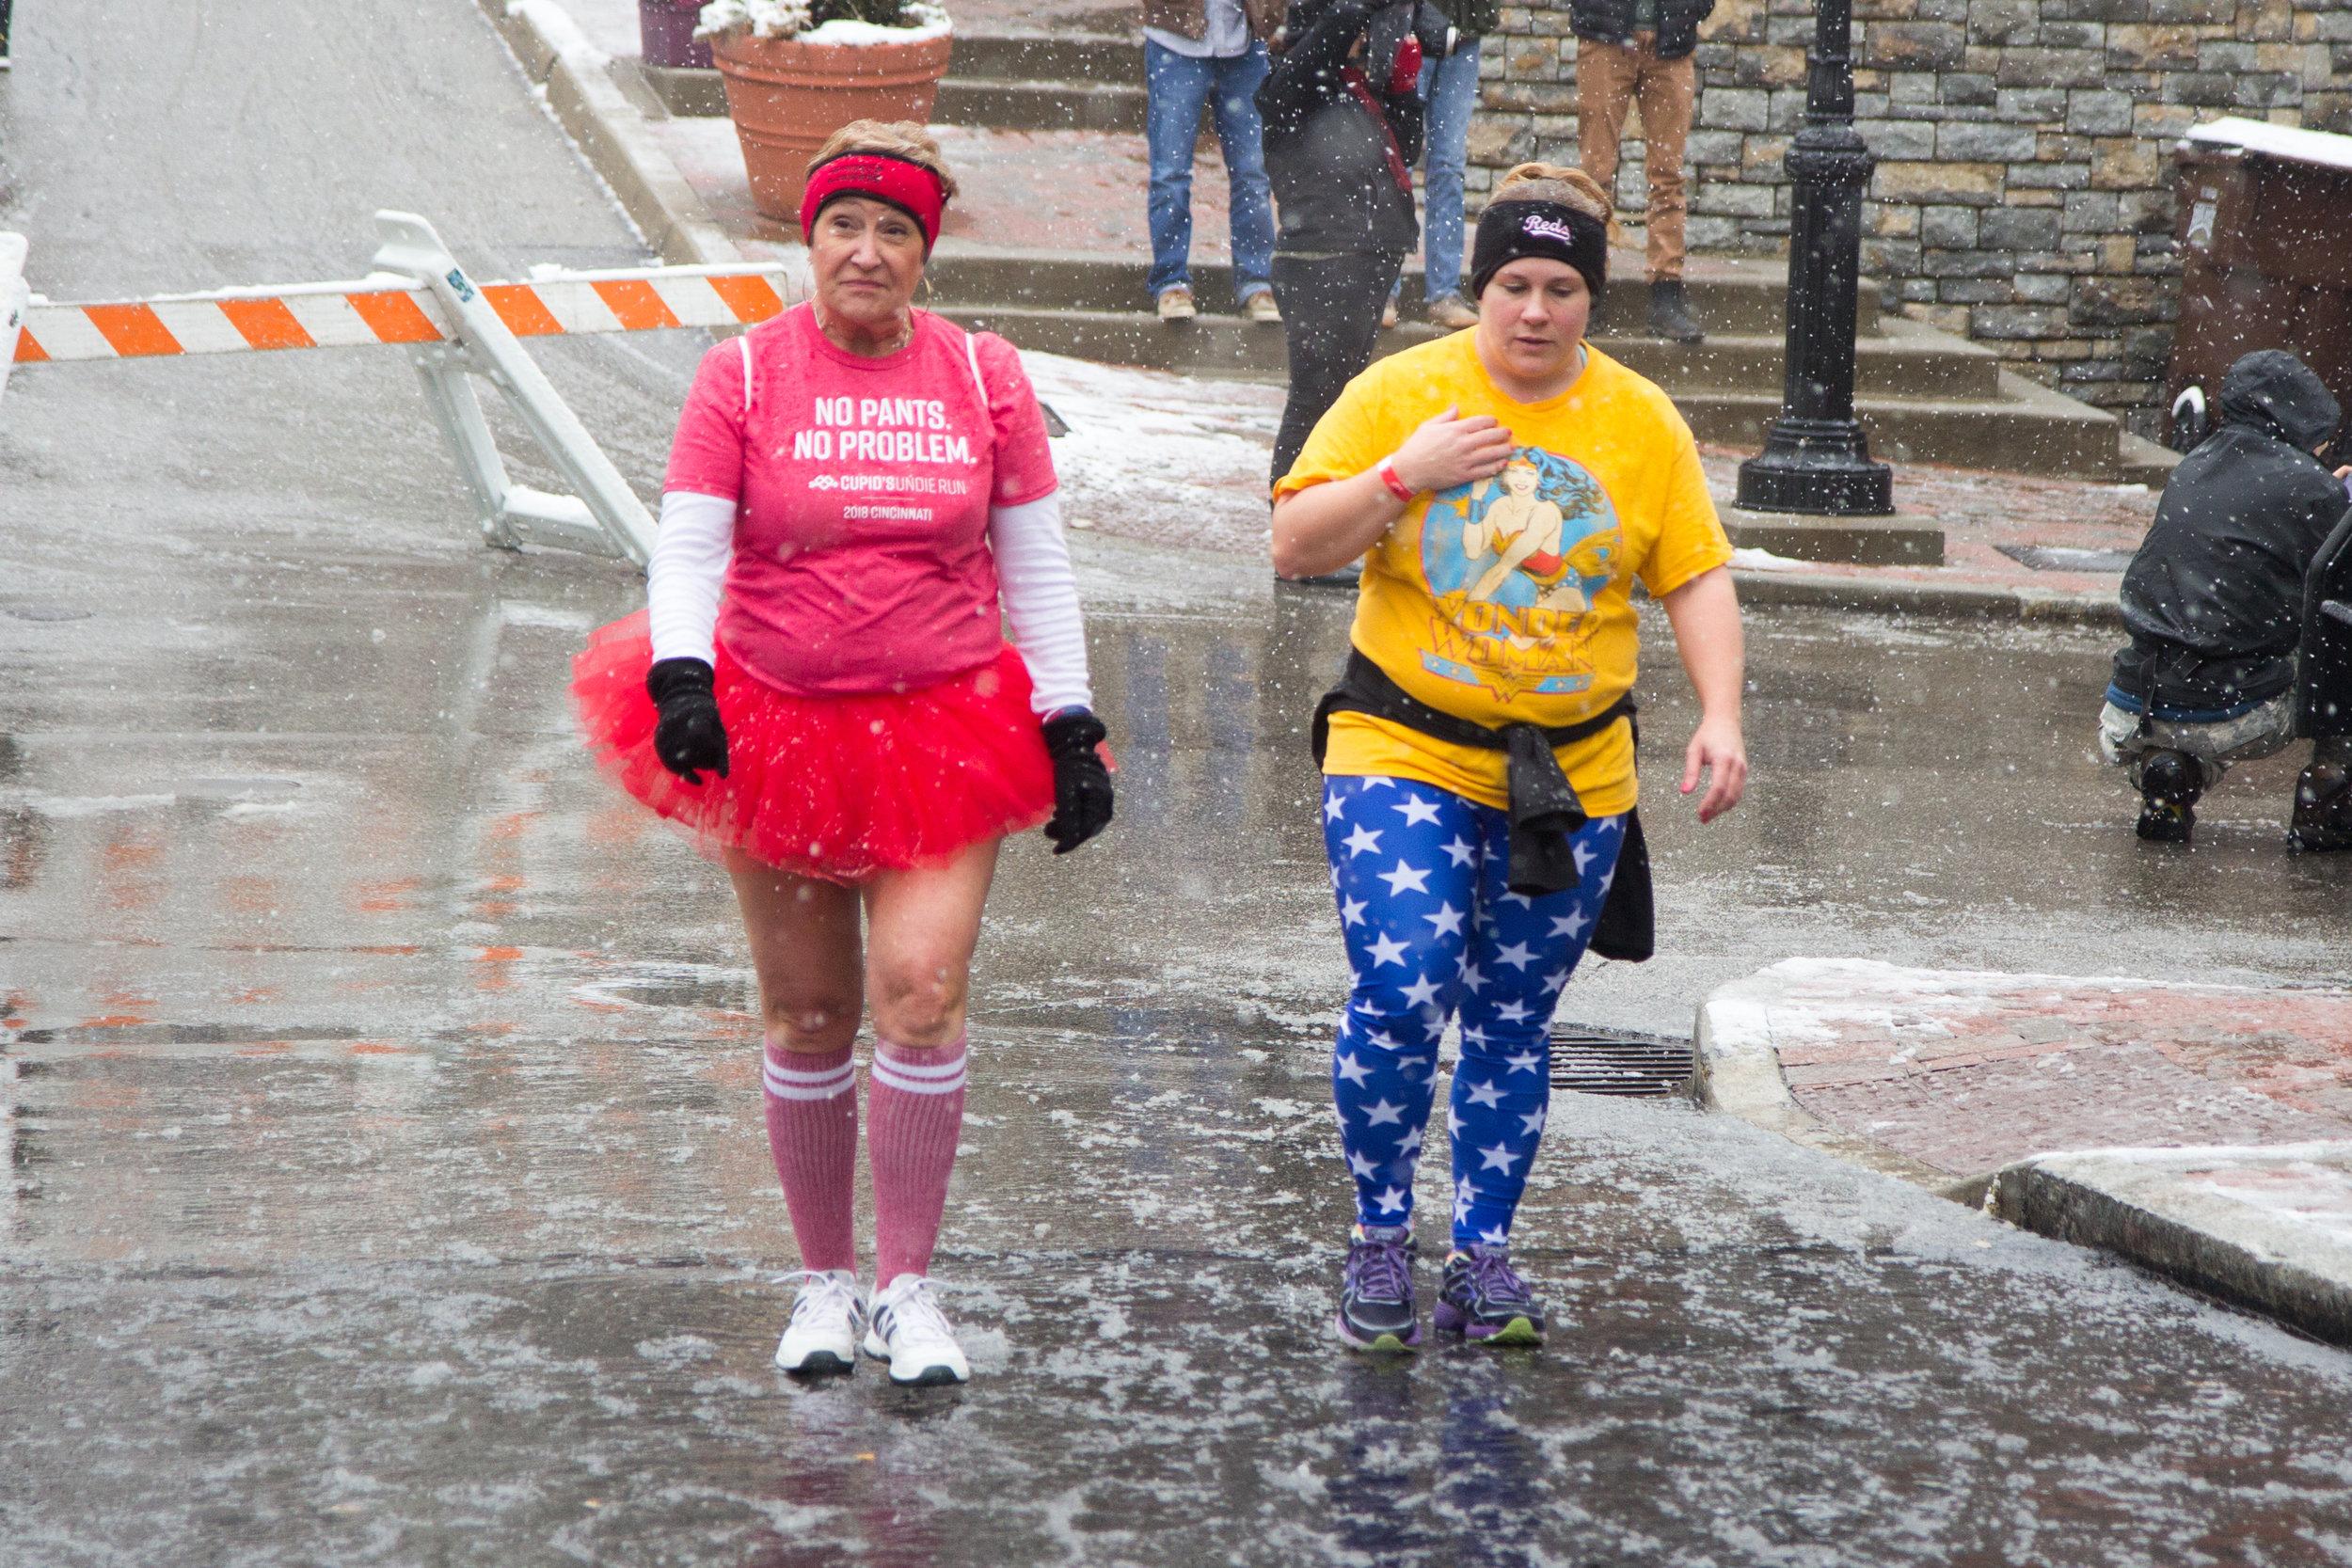 CaseyMillerPhoto - Cupid Undie Run 2018  (230 of 252).jpg